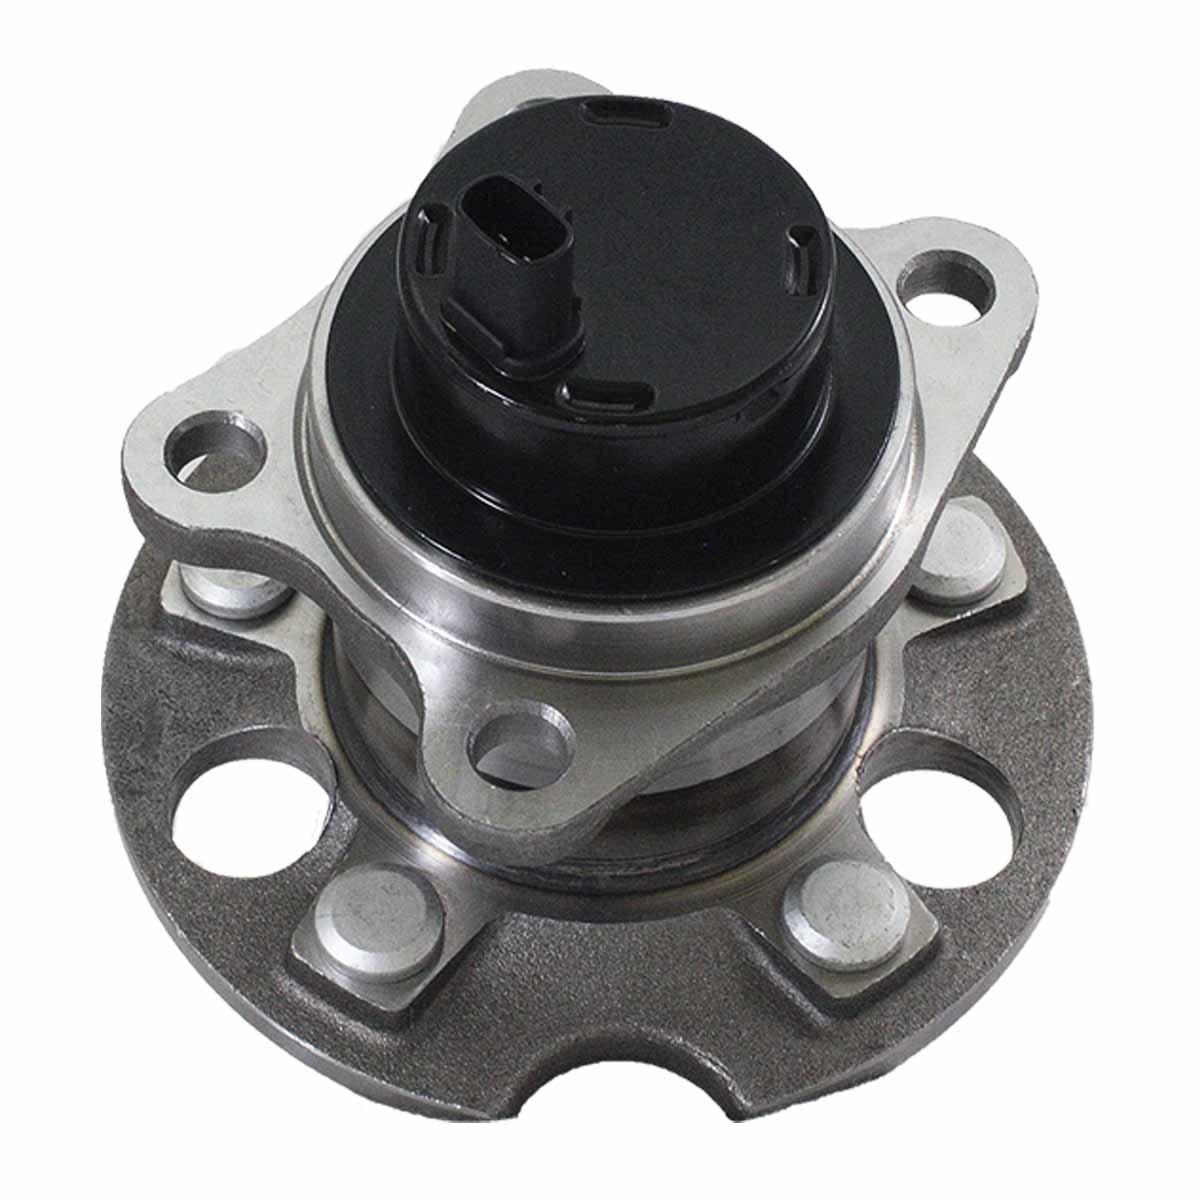 AF512282 x1 Rear Left Wheel Bearing Hub Assembly FWD For 04-06 RX330 07-09 RX350 06-08 RX400H 04-07 HighLander